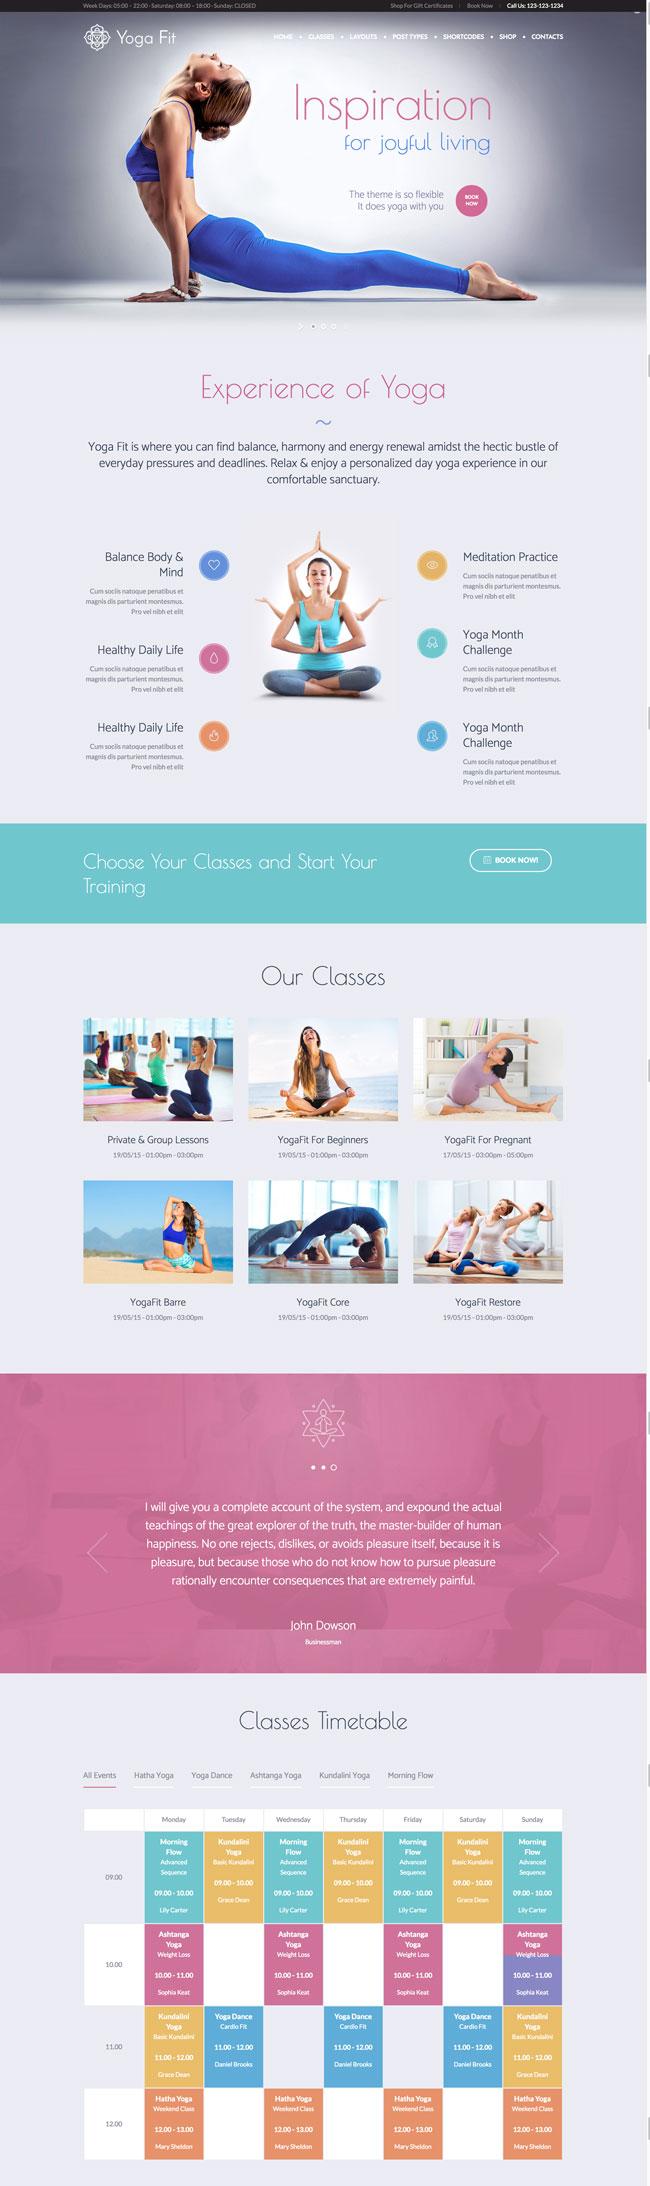 Yoga-Fit-Sports-Fitness-Gym-WordPress-Theme